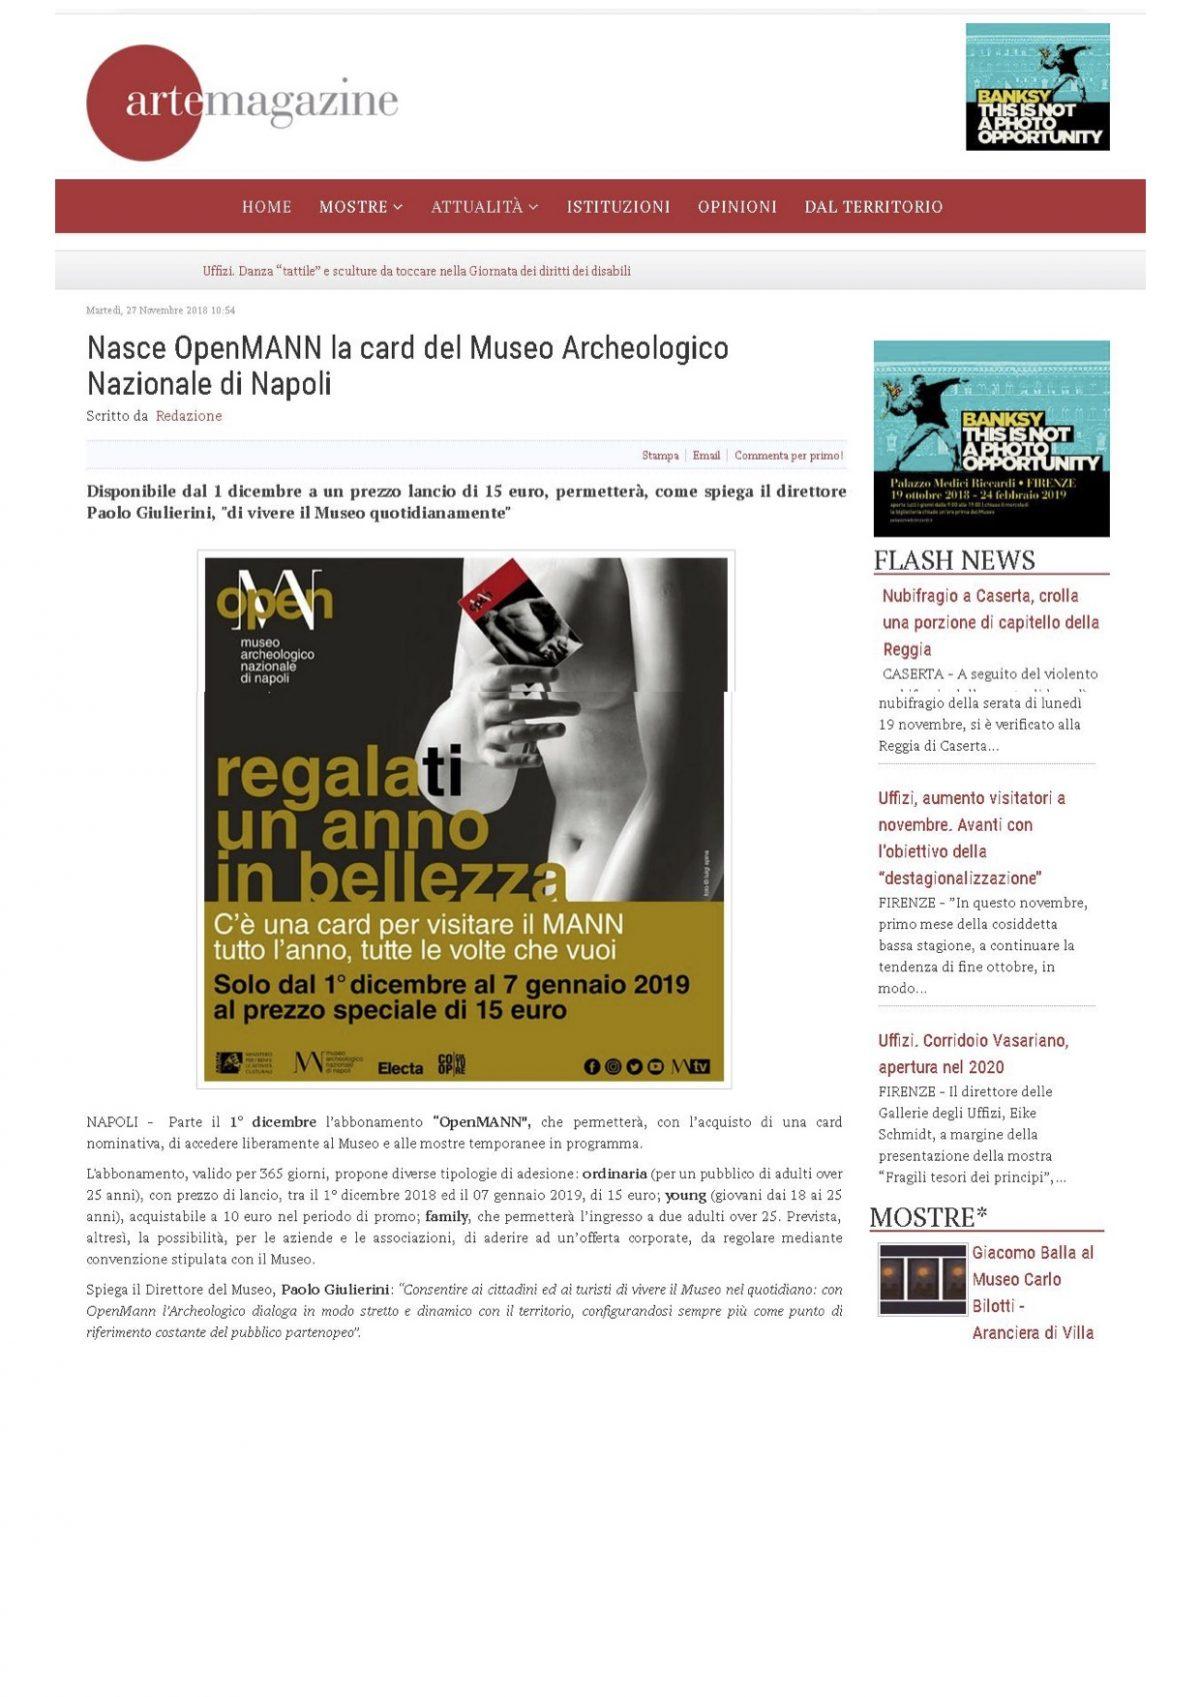 artemagazine_openMANN